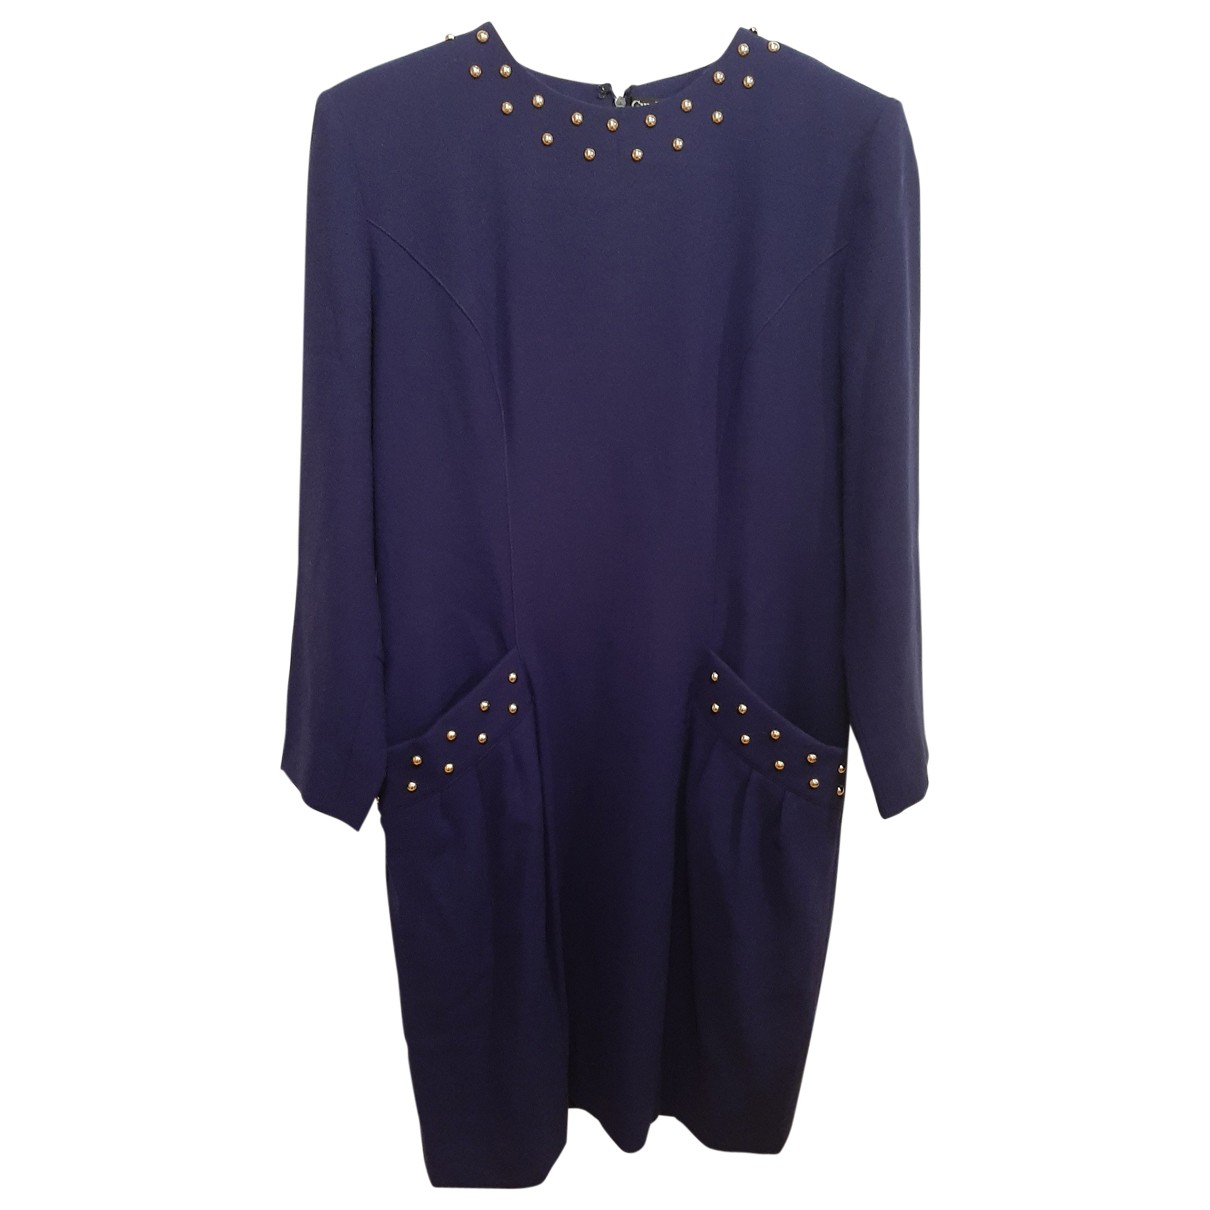 Guy Laroche \N Purple Wool dress for Women 42 FR